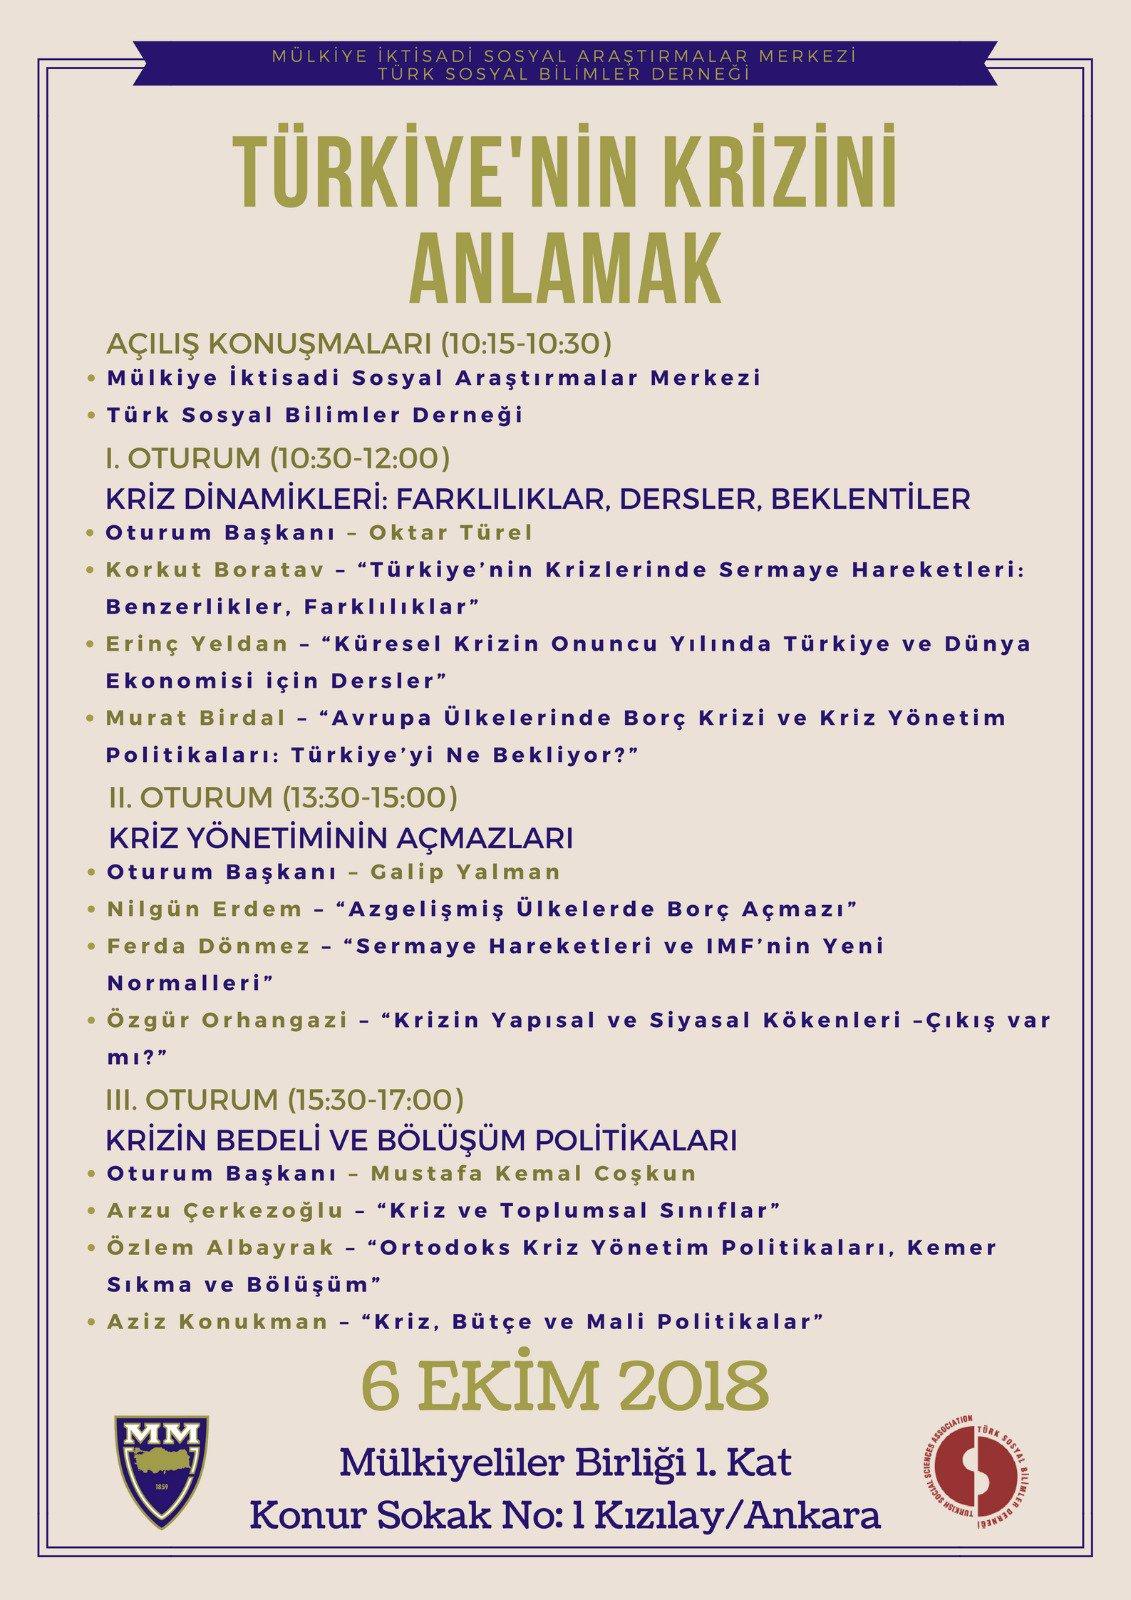 Türkiye'nin Krizini Anlamak Sempozyumu Duyurusu